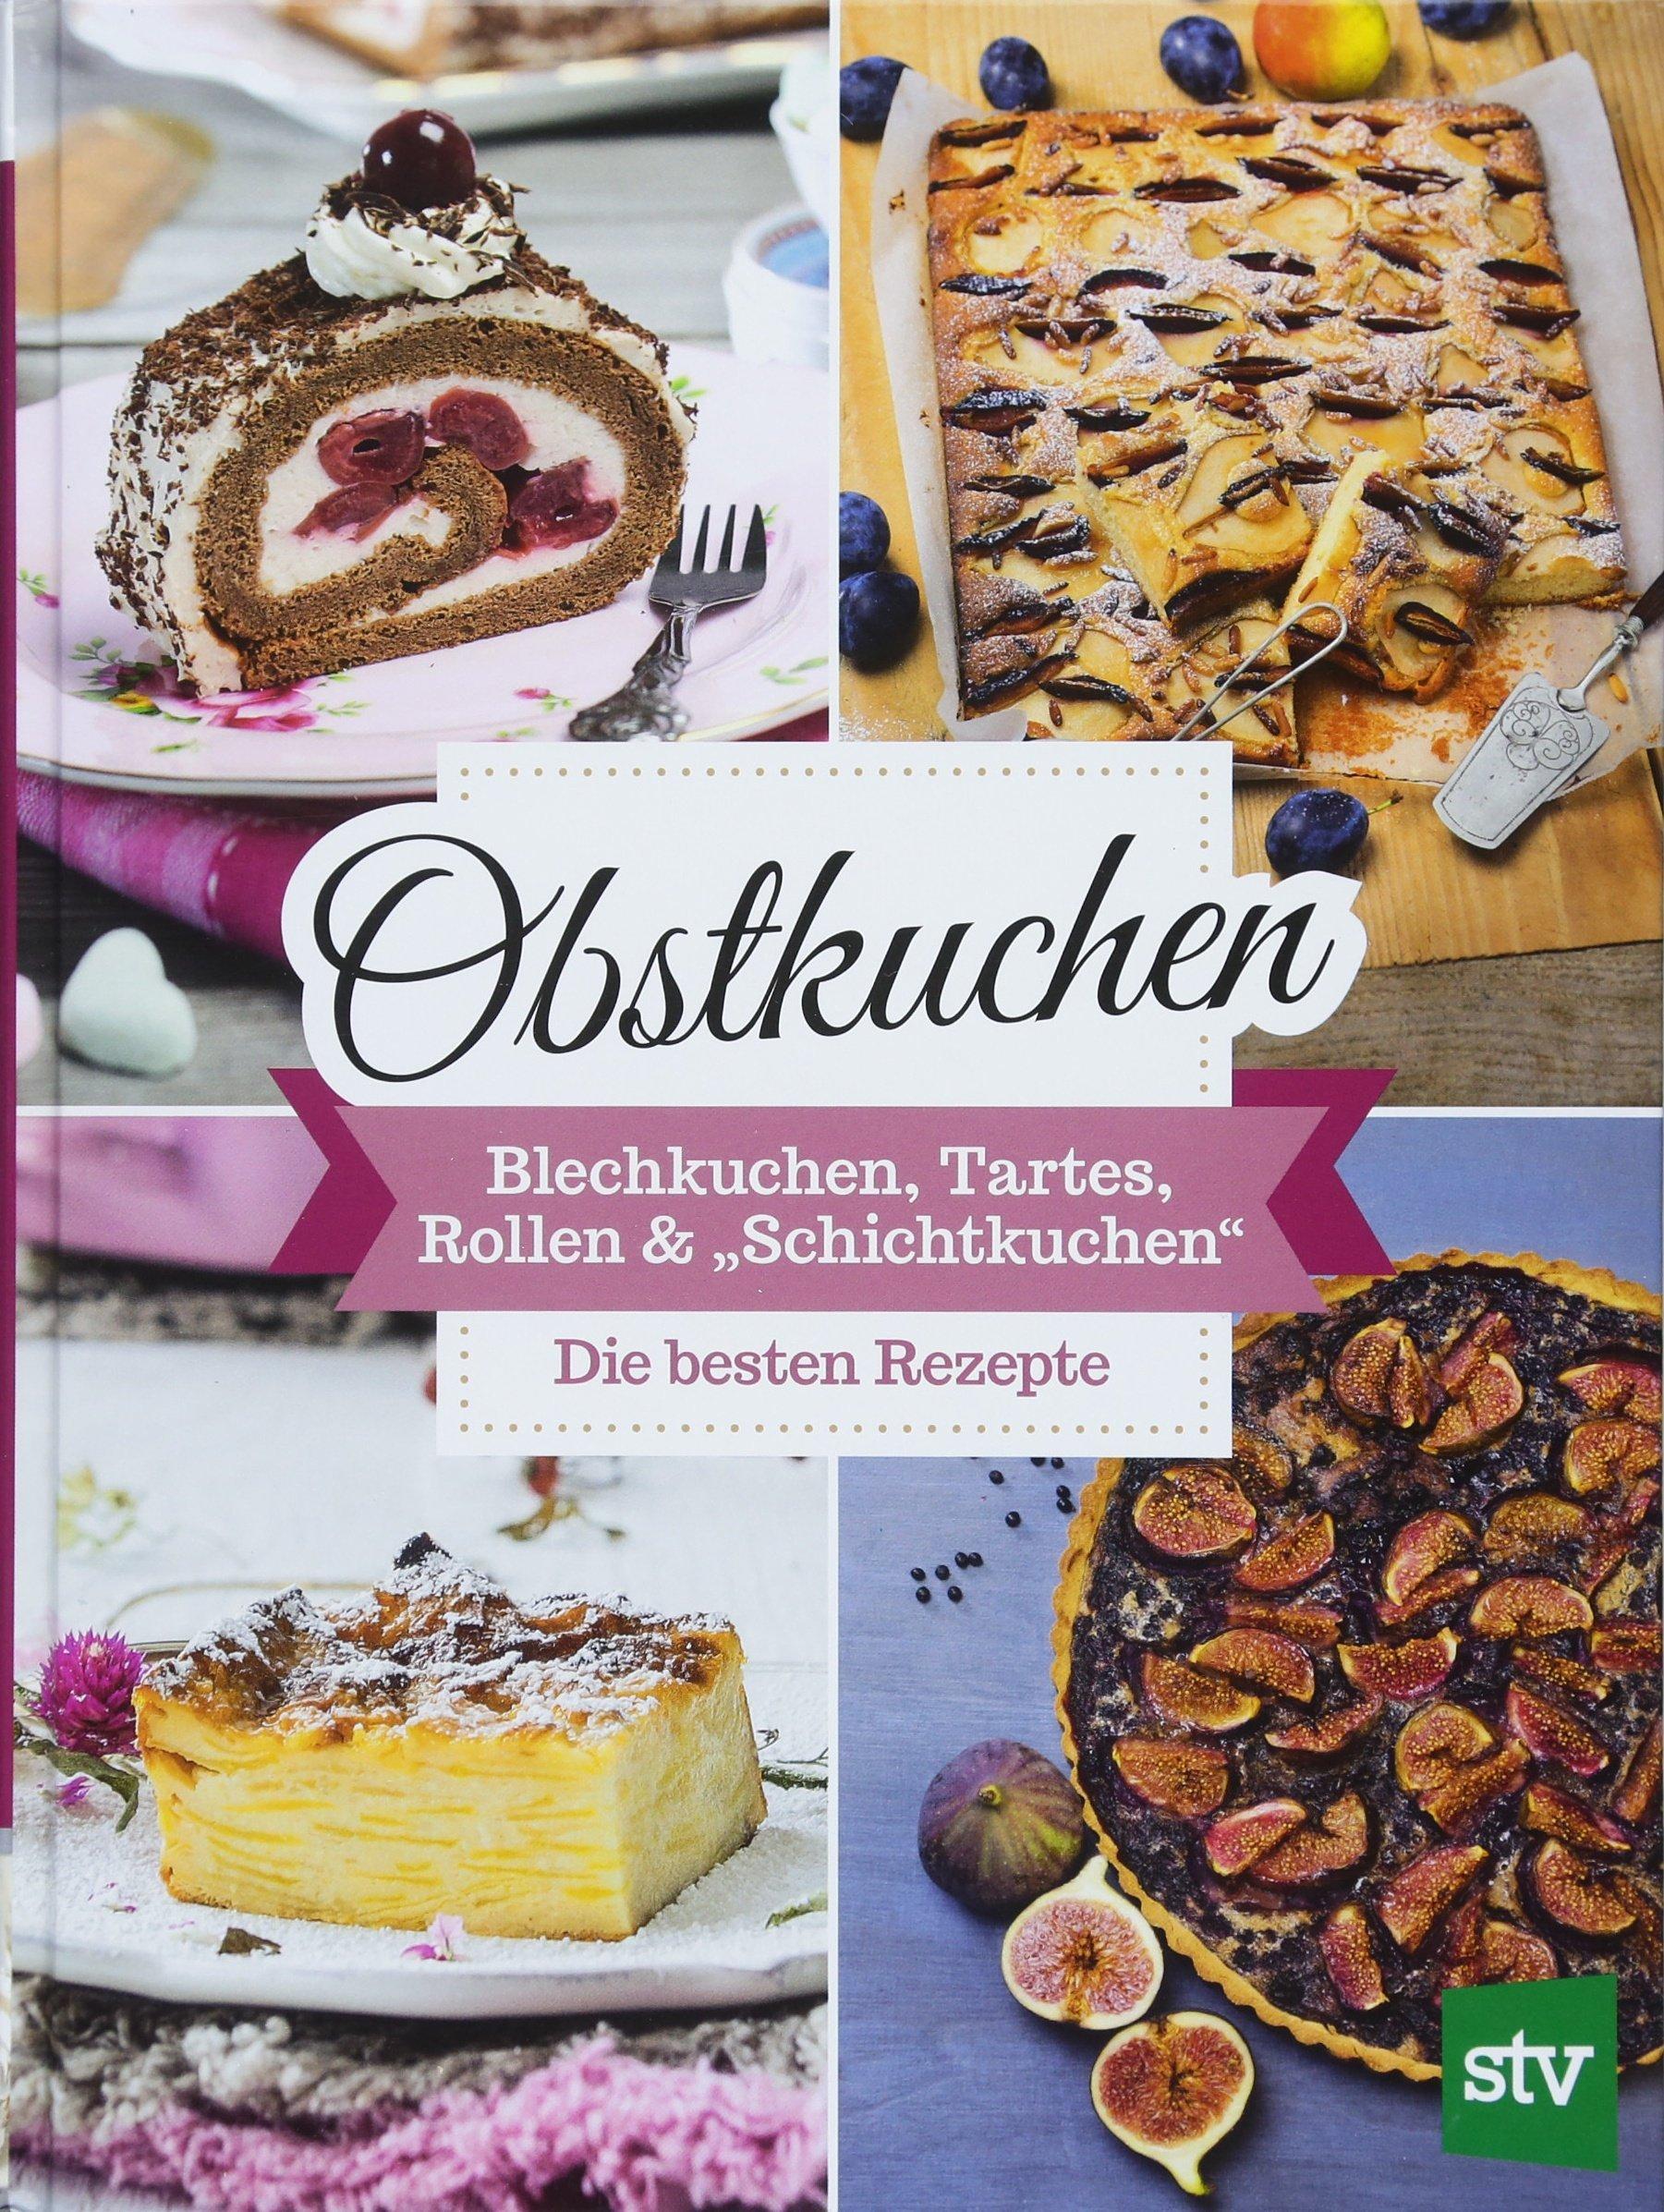 Obstkuchen: Blechkuchen, Tartes, Rollen &